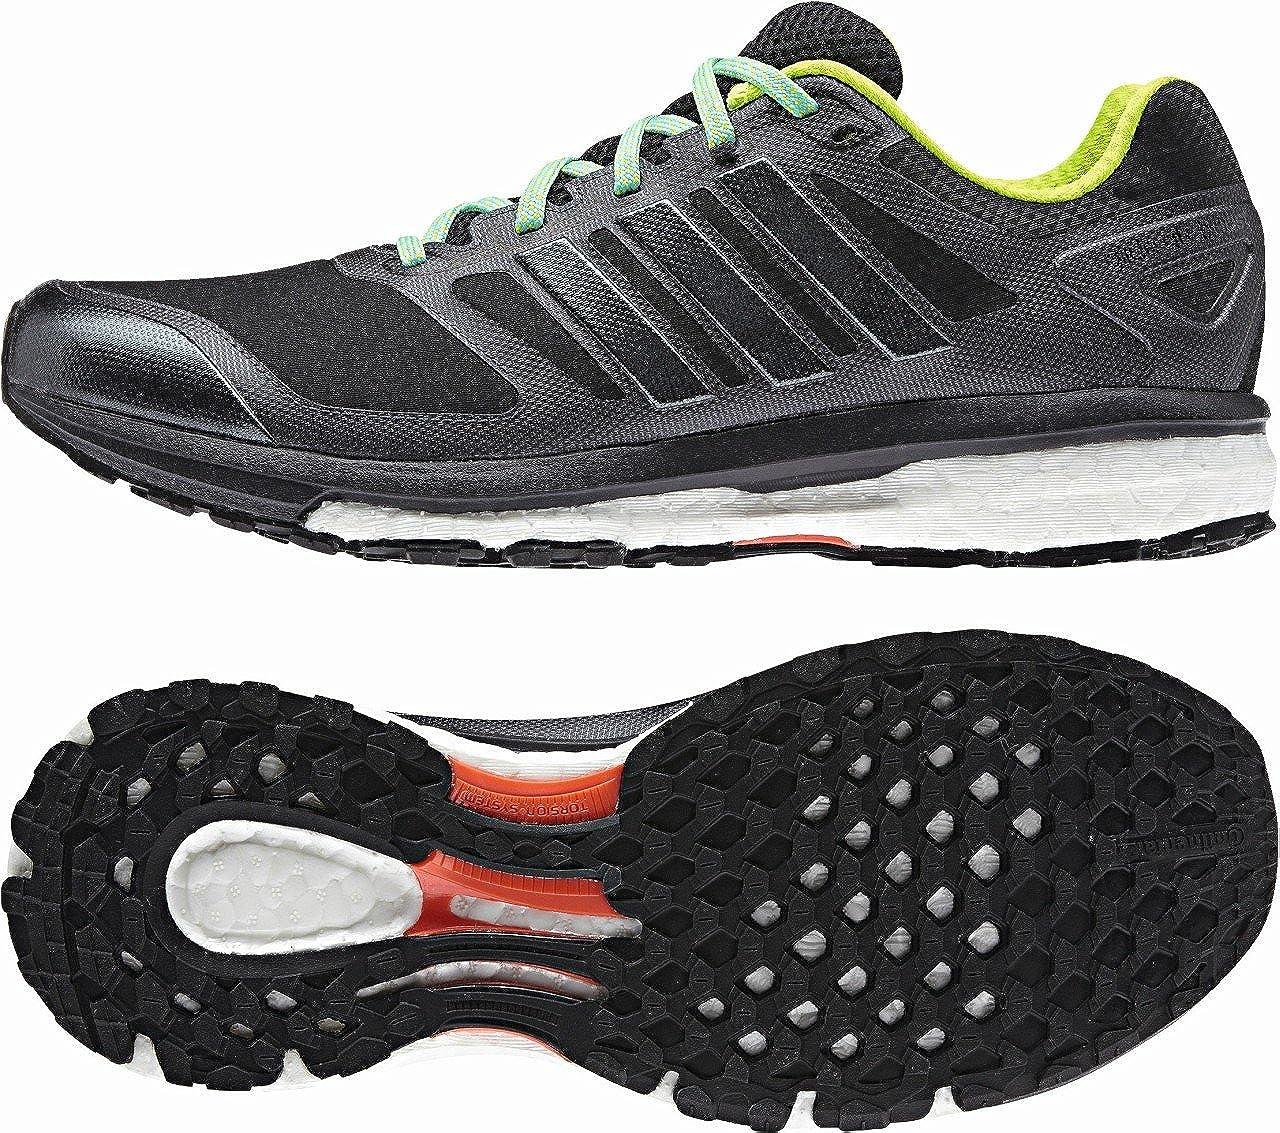 Adidas Supernova Glide Boost ATR - Zapatillas de running para mujer, color negro y verde: Amazon.es: Zapatos y complementos